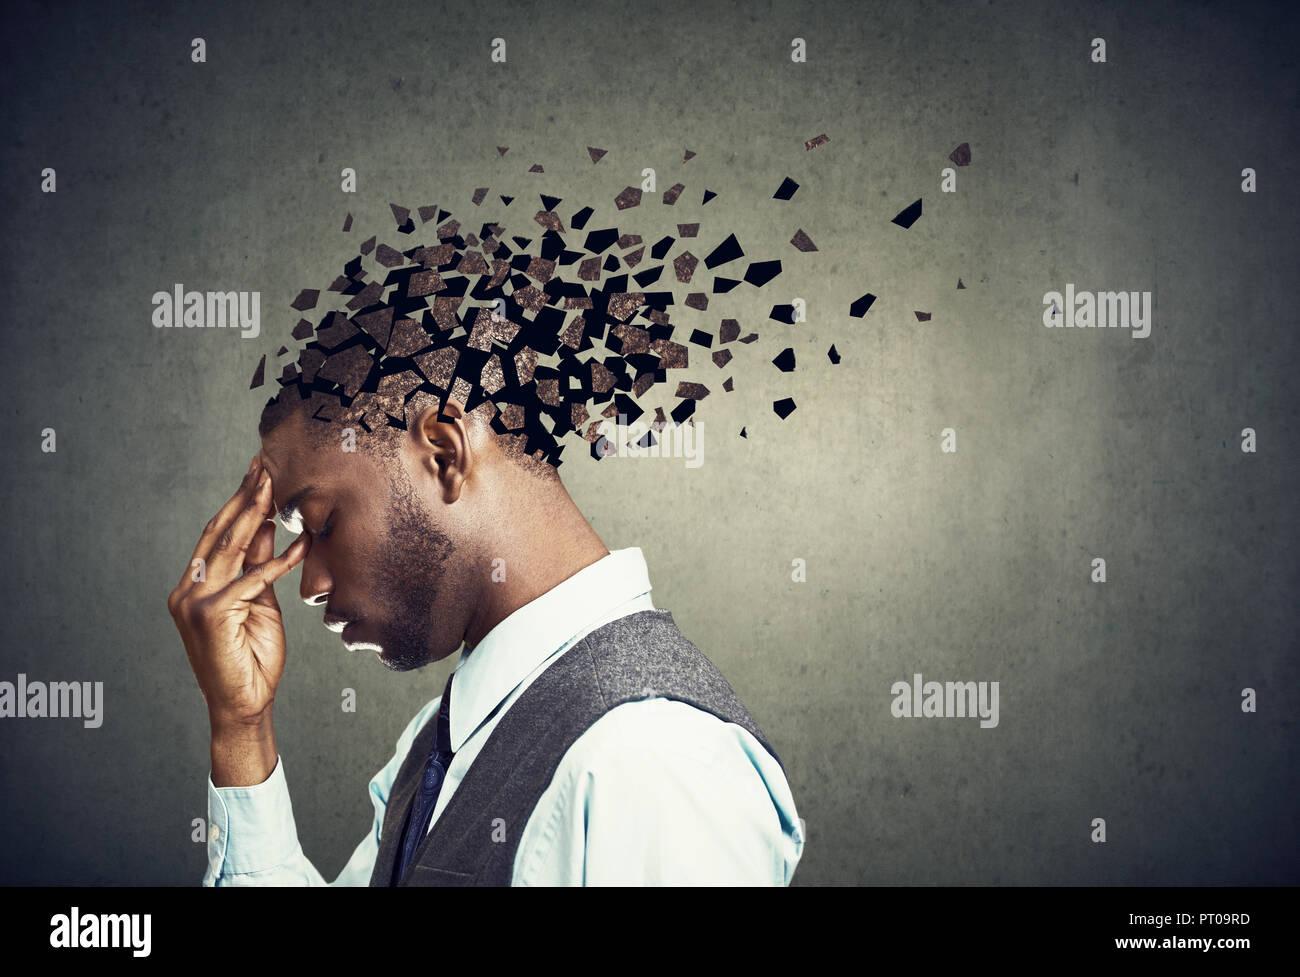 La perdita di memoria a causa di demenza o danni cerebrali. Profilo laterale di un uomo triste perdere parti di testa come simbolo della diminuita funzione della mente. Immagini Stock